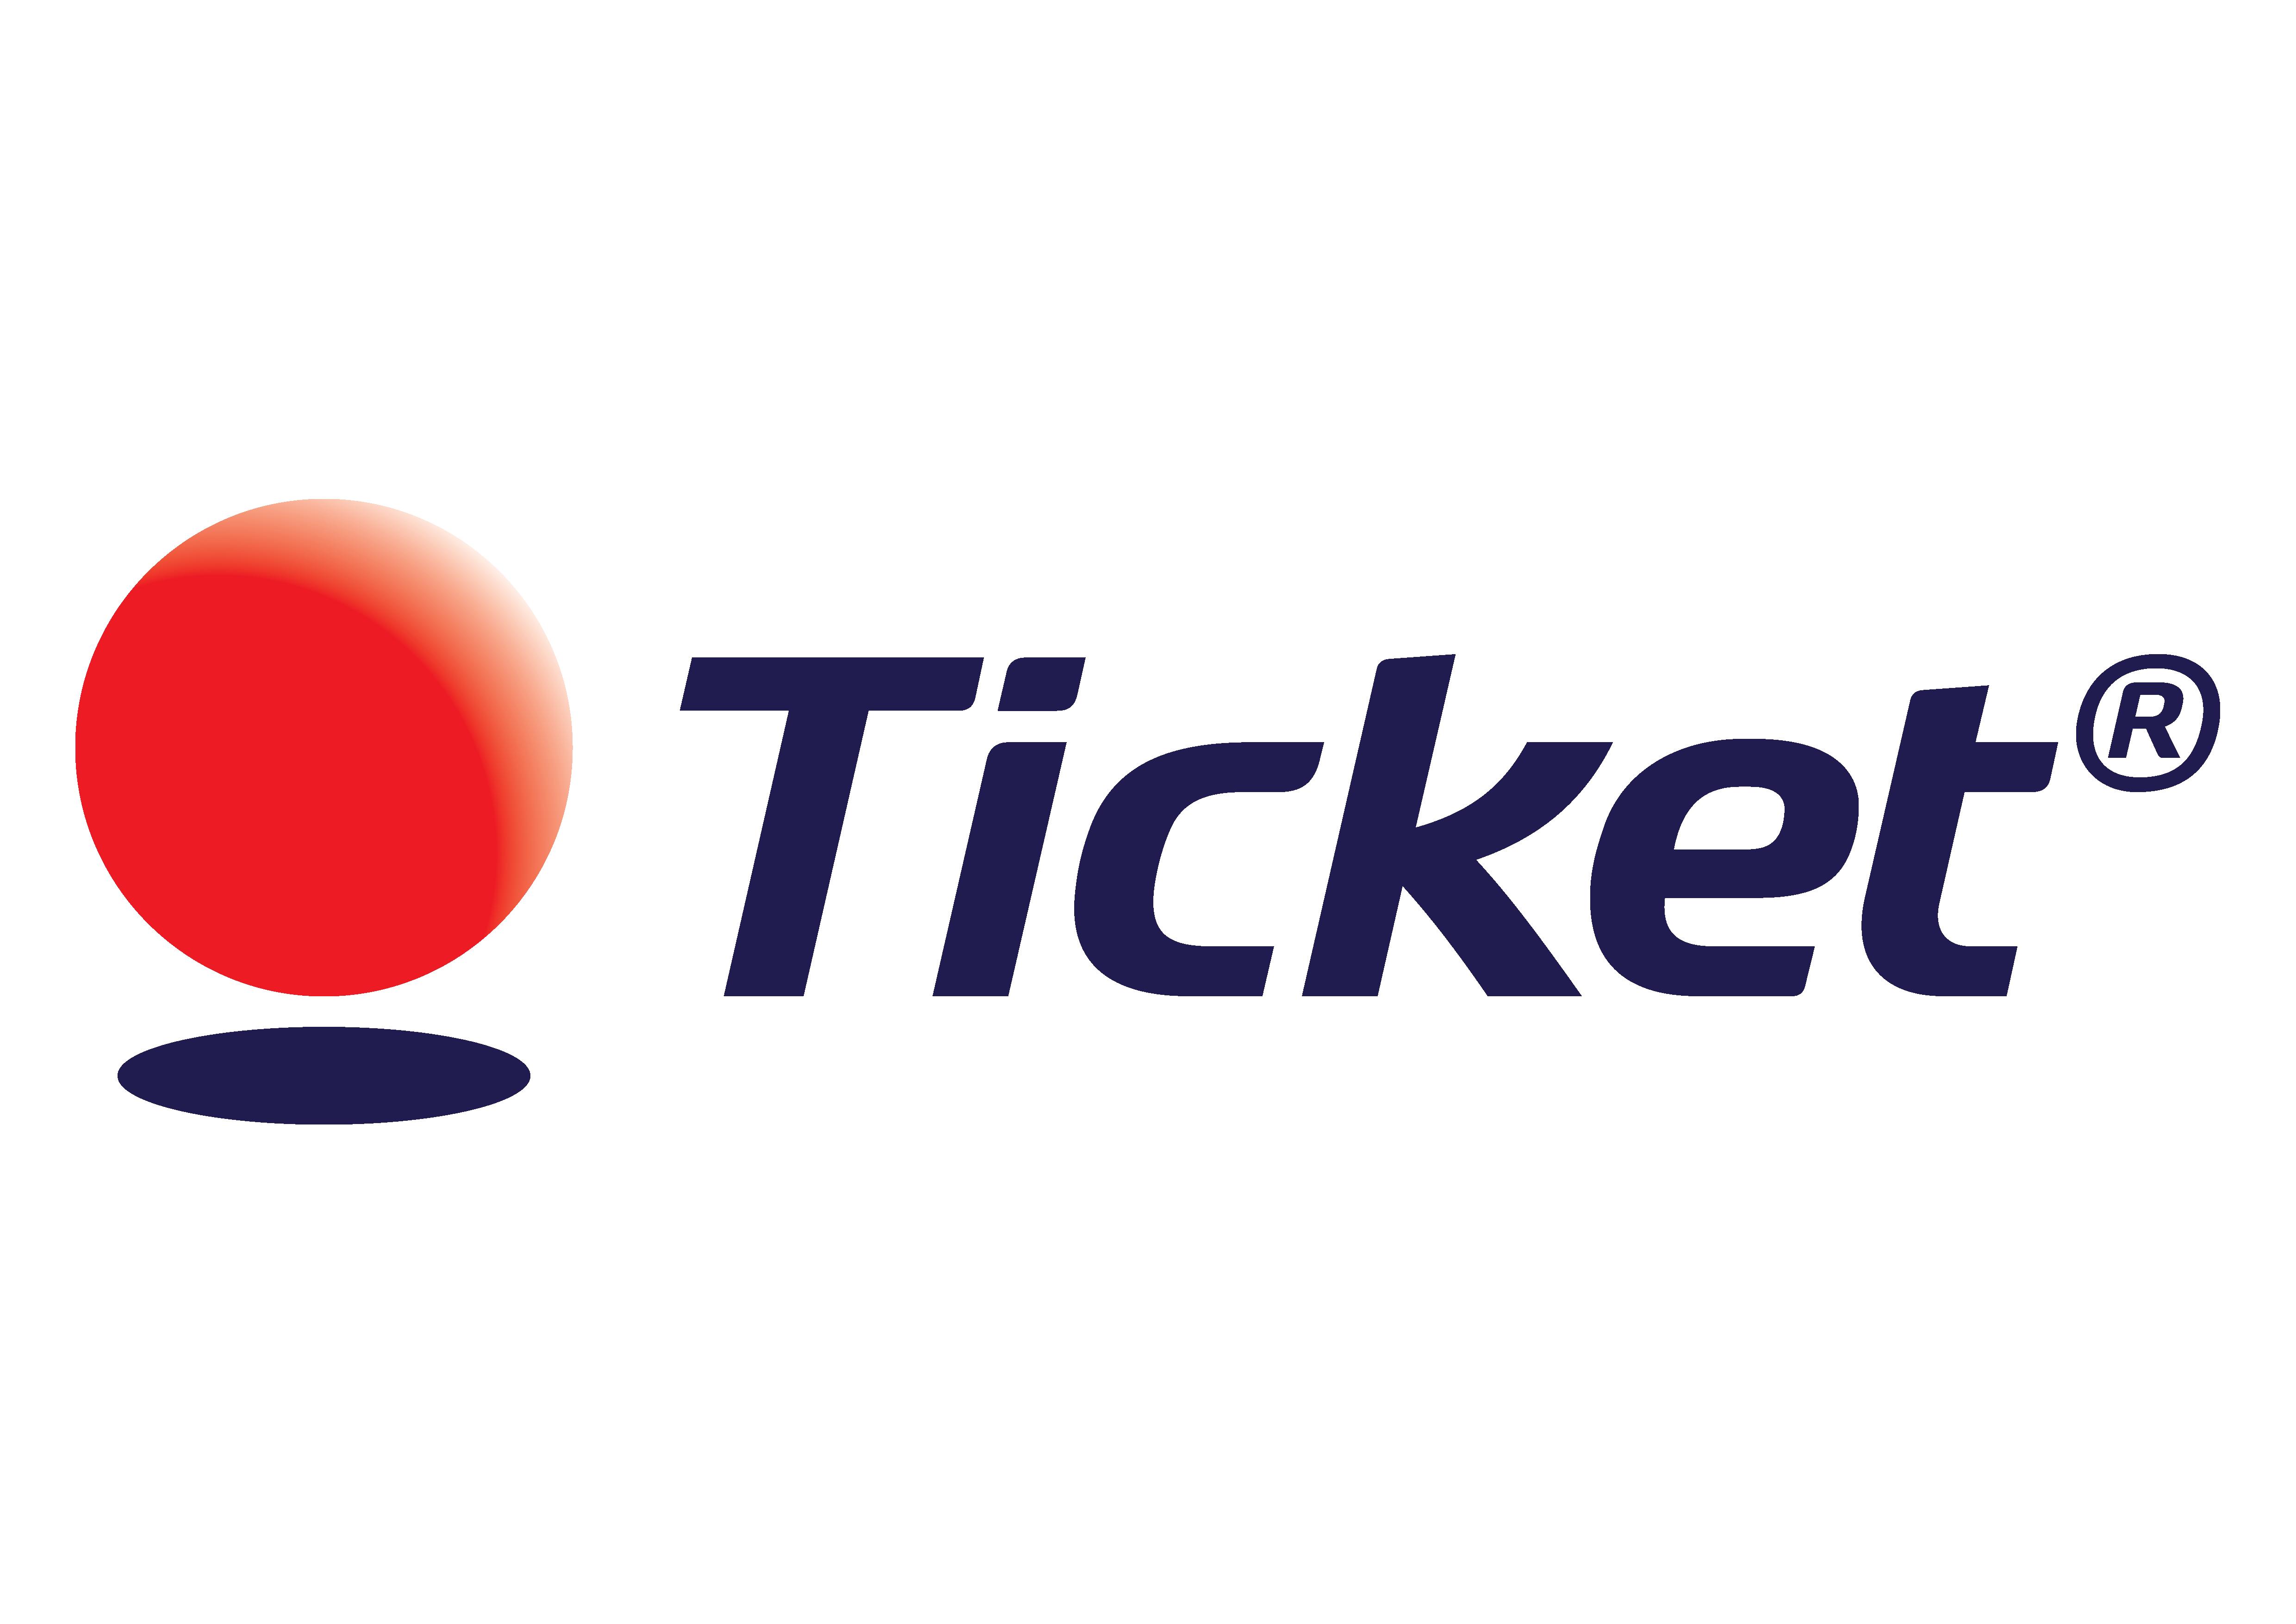 Em Ticket